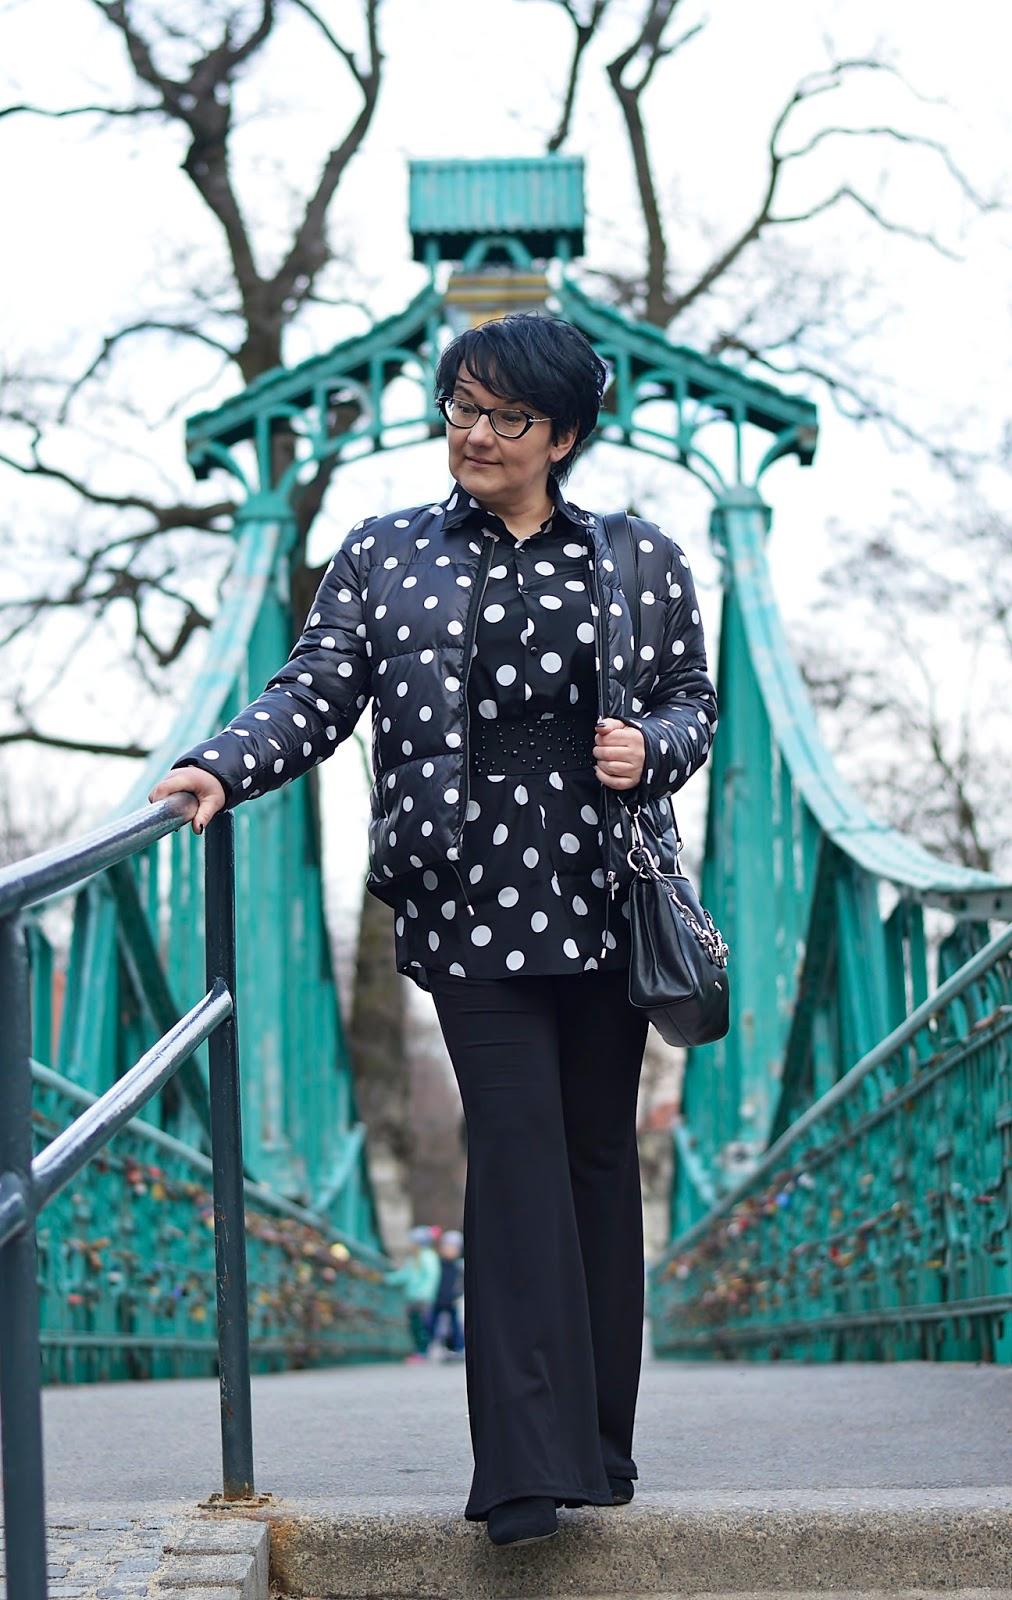 Polka dots jacket, black and white polka dots